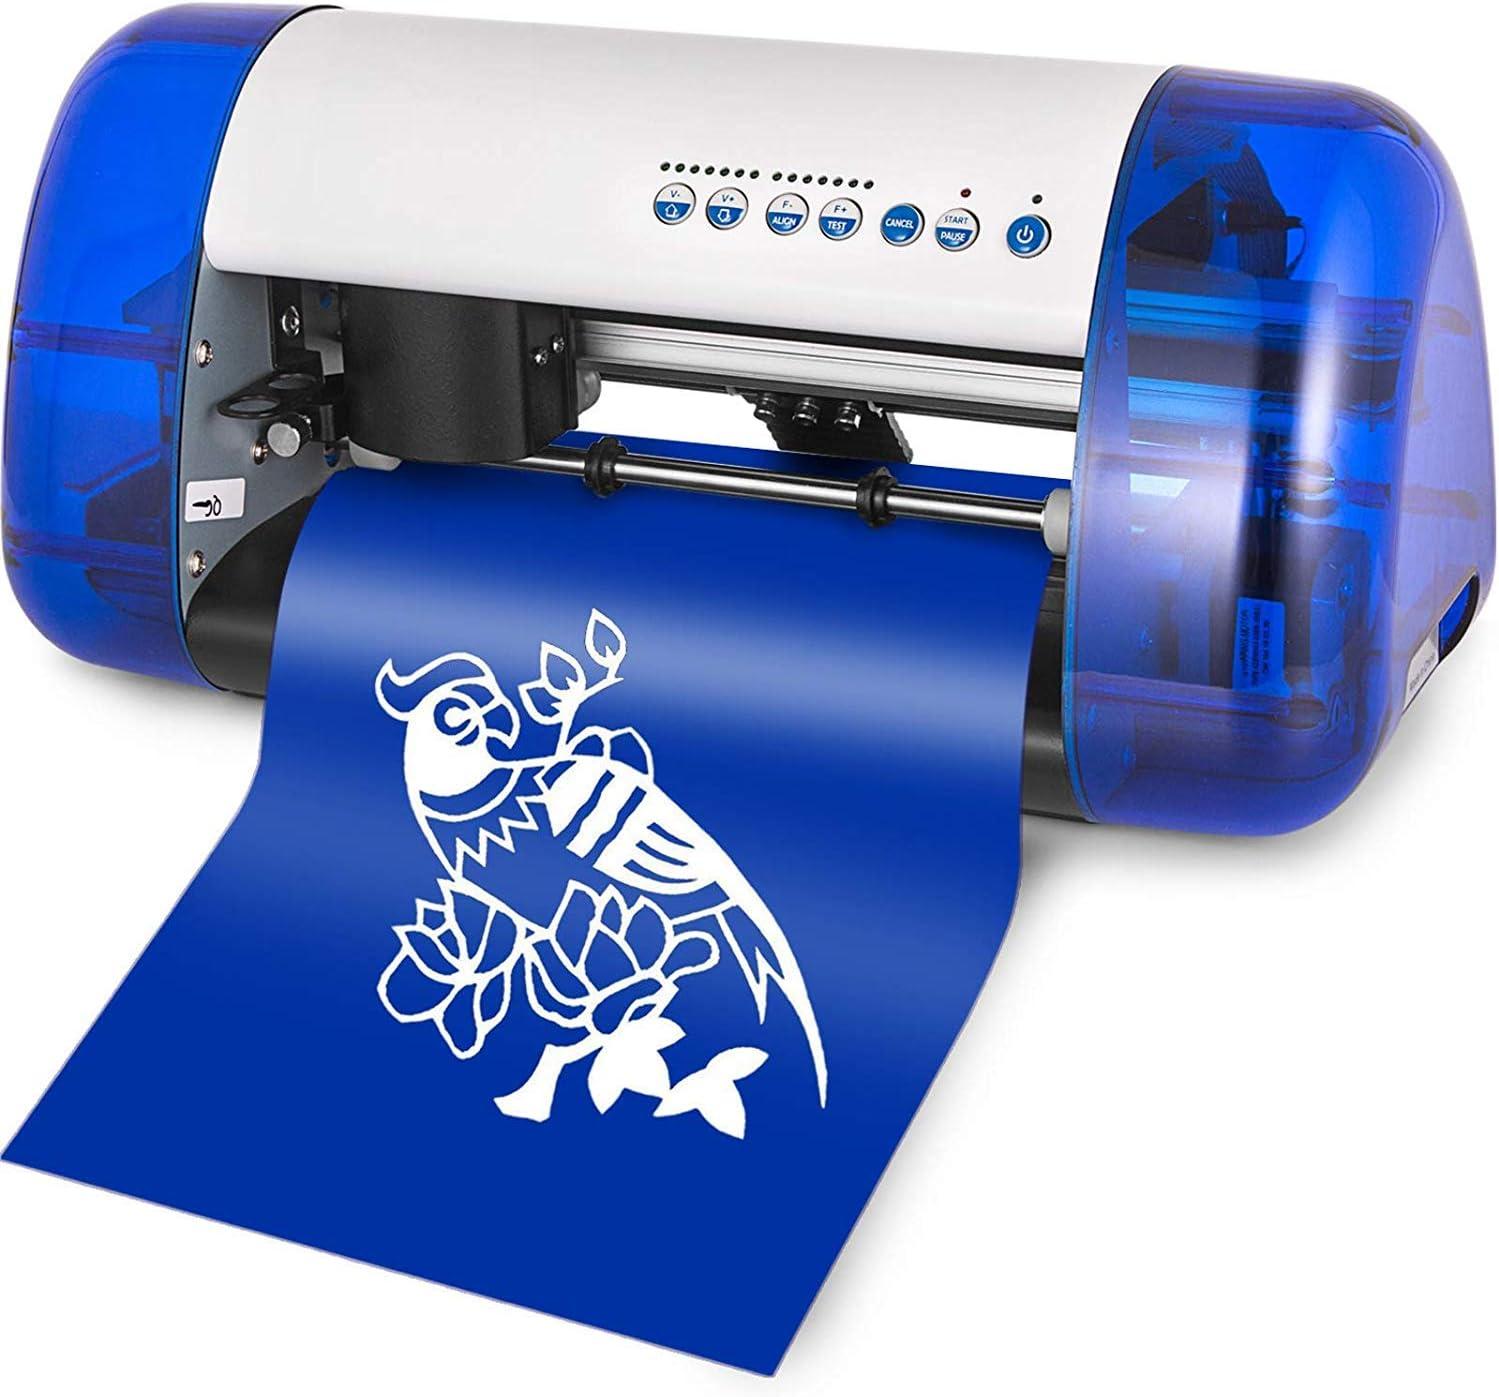 VEVOR máquina cortadora de Vinilo A4 Mini Cortador de trazador de Vinilo para Cartel de Escritorio: Amazon.es: Electrónica